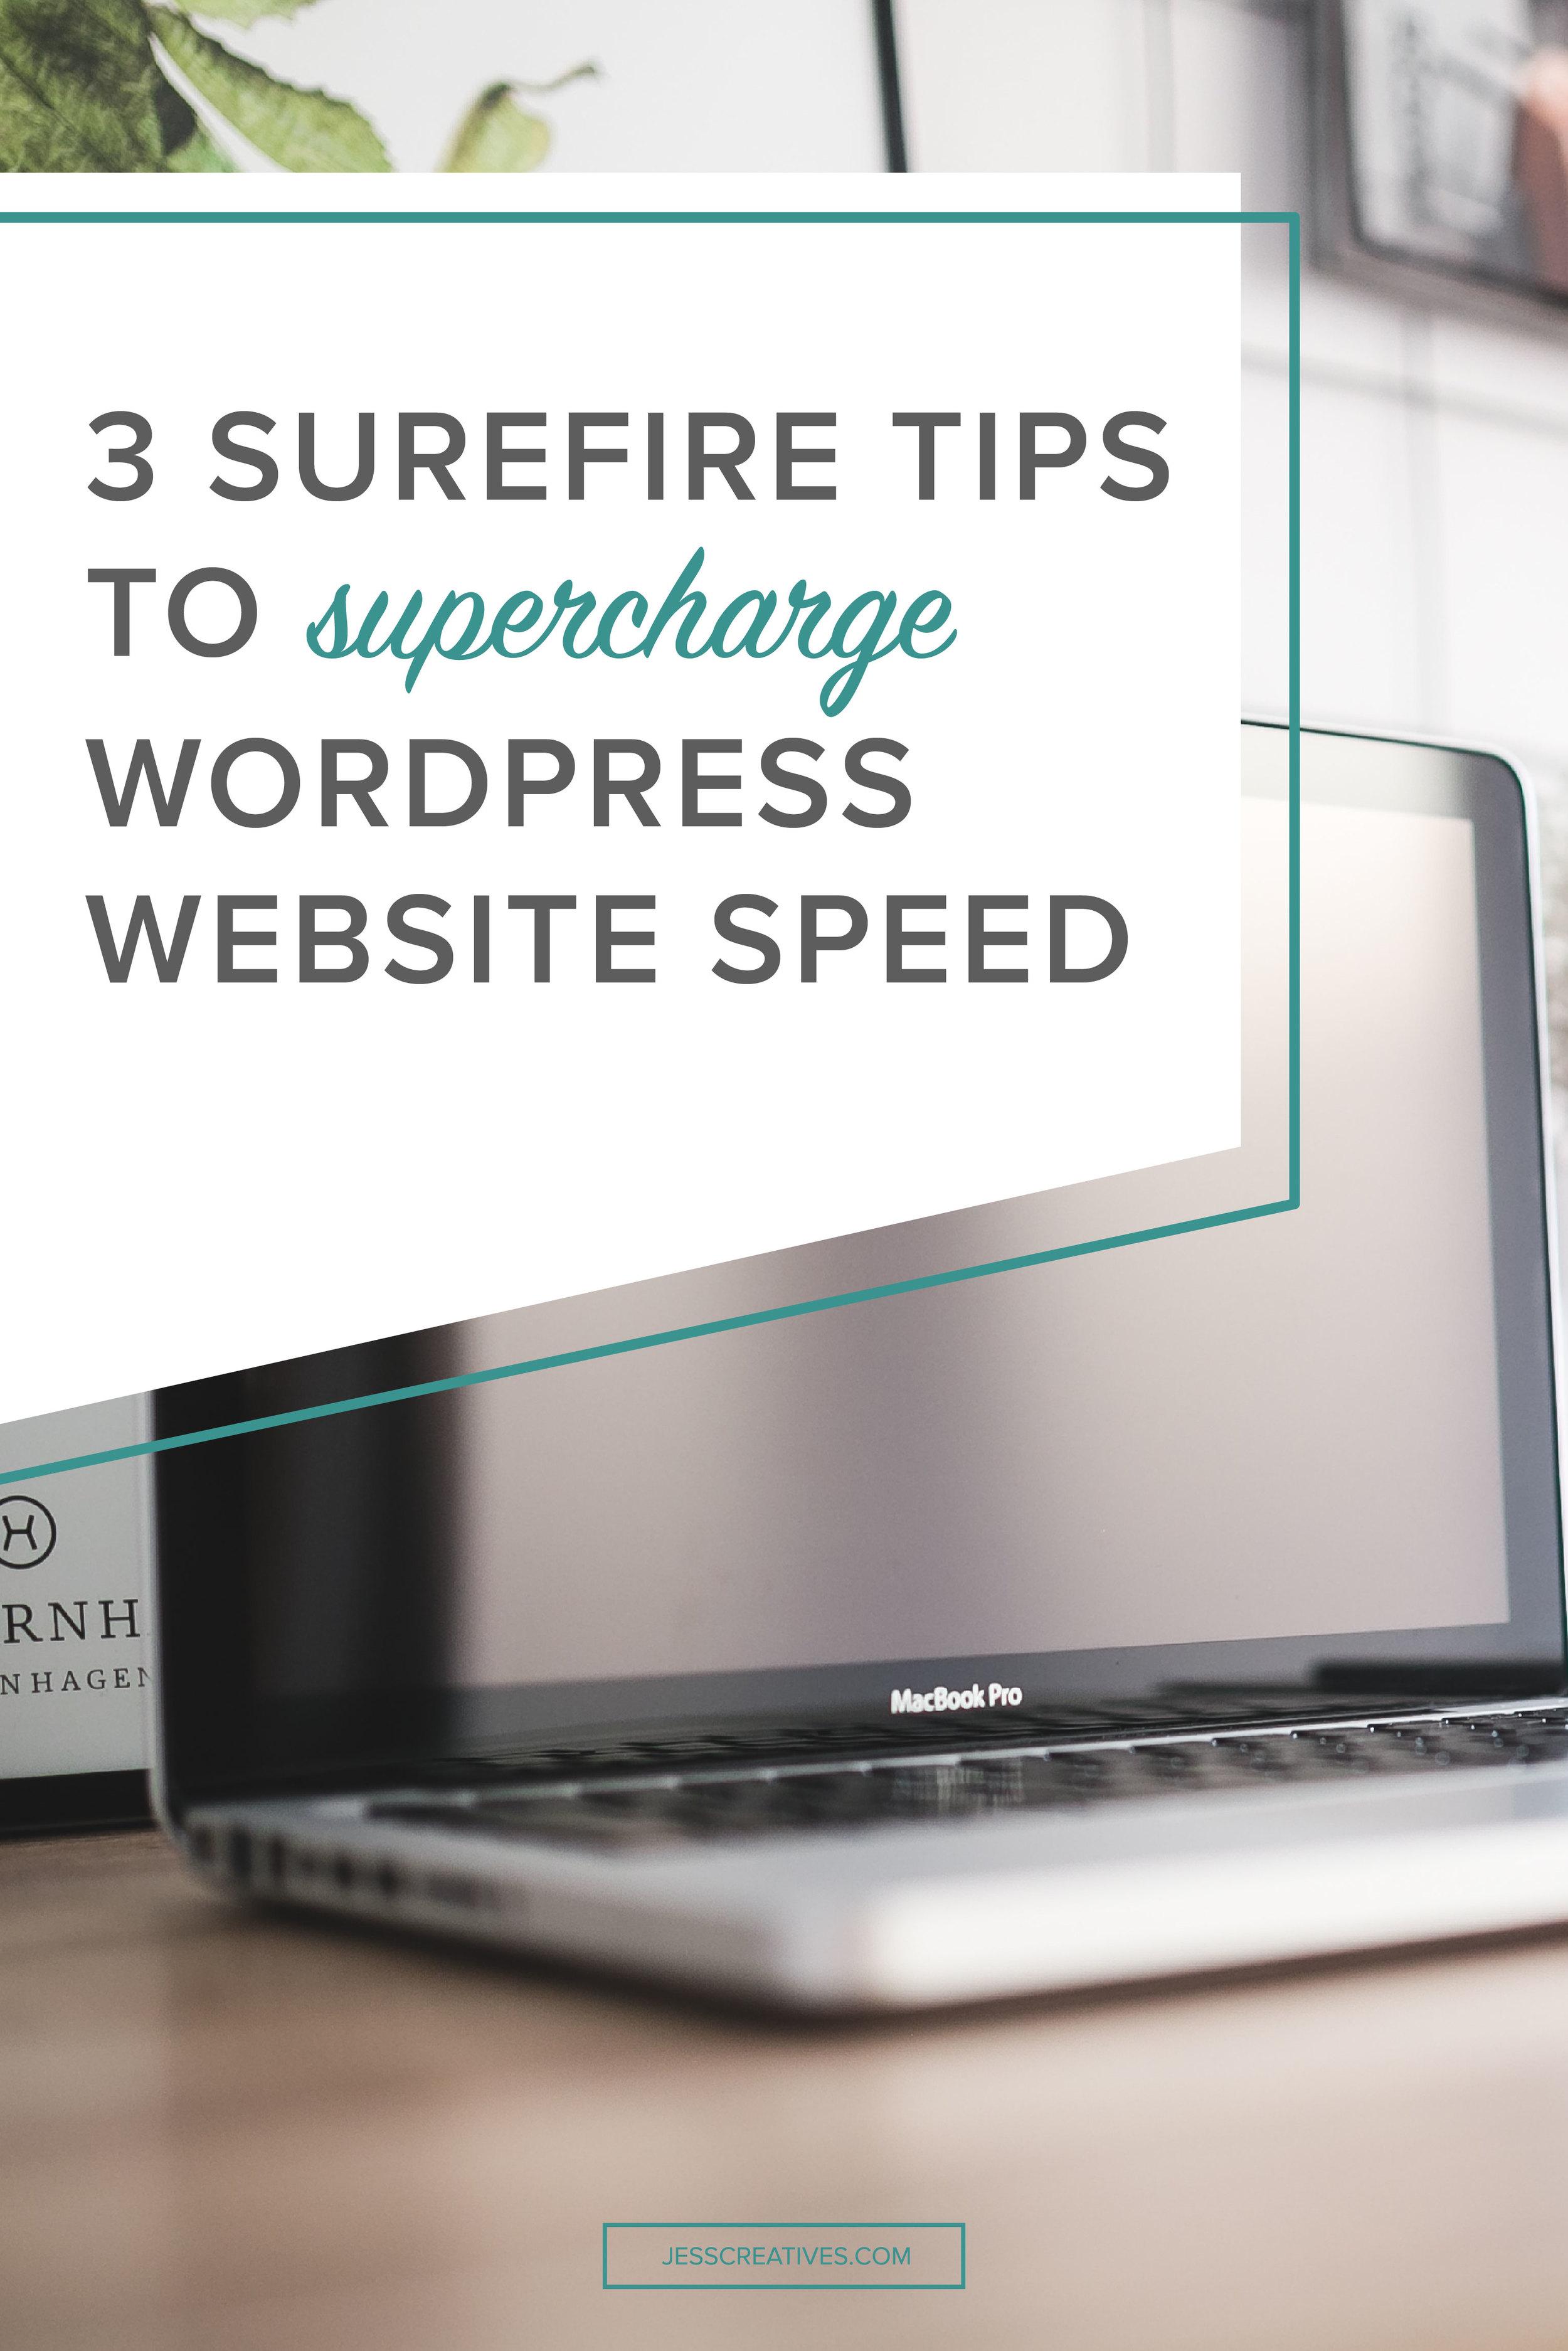 3 surefire tips to supercharge WordPress website speed